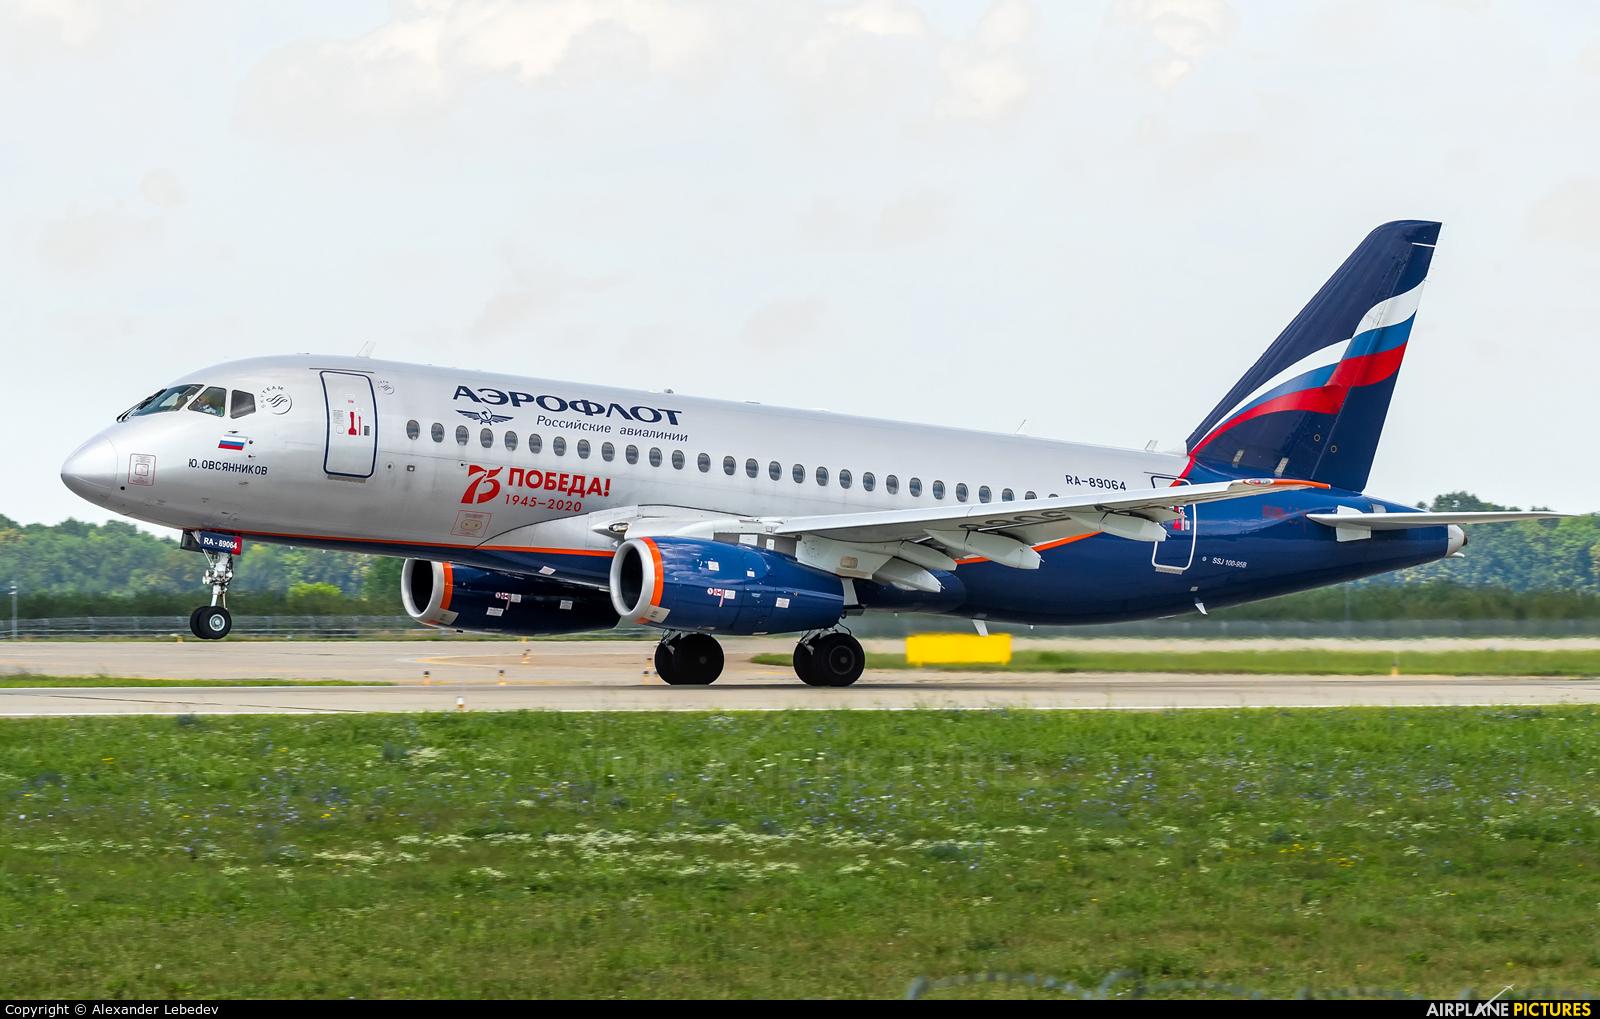 Aeroflot RA-89064 aircraft at Krasnodar